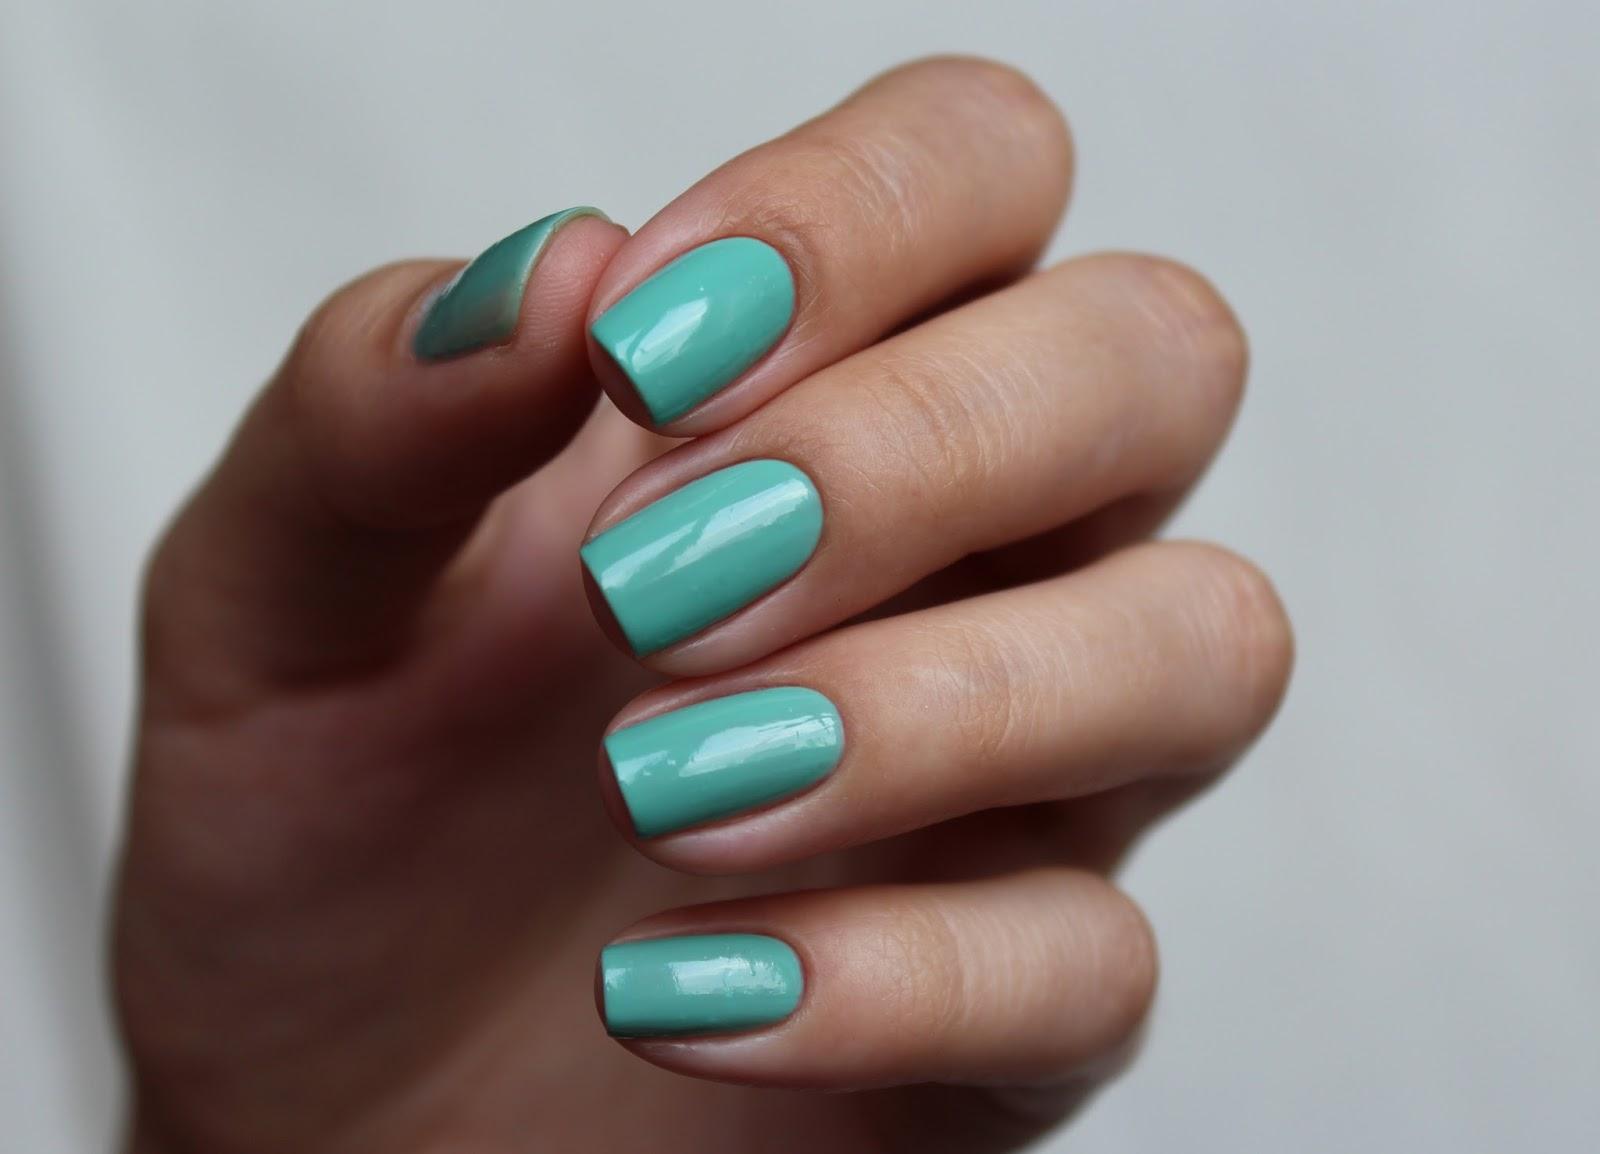 Essie Turquoise & Caicos свочти